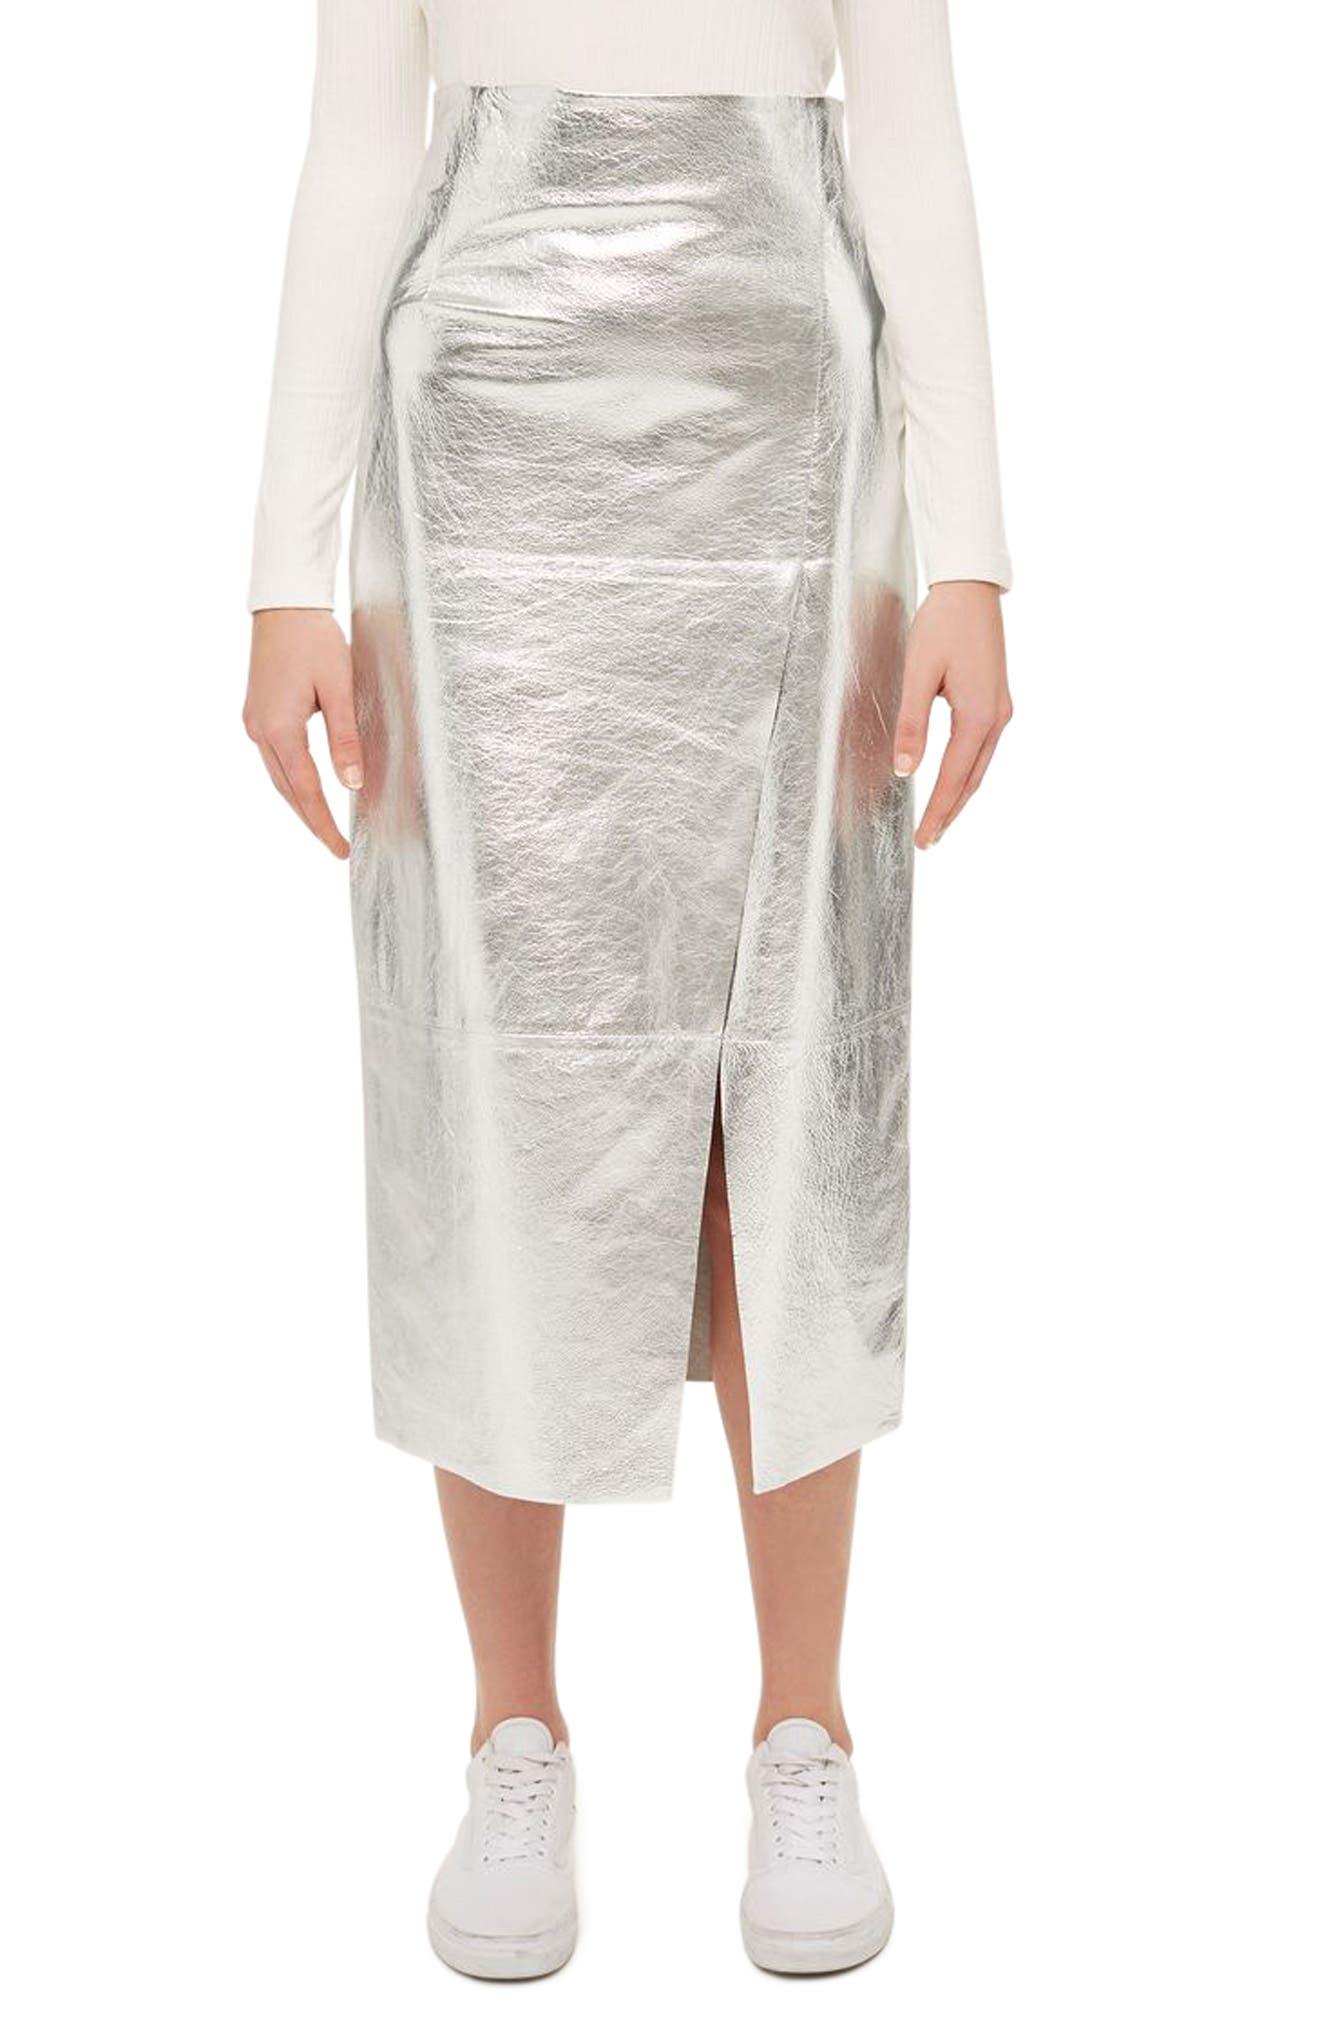 TOPSHOP BOUTIQUE Foil Leather Midi Skirt